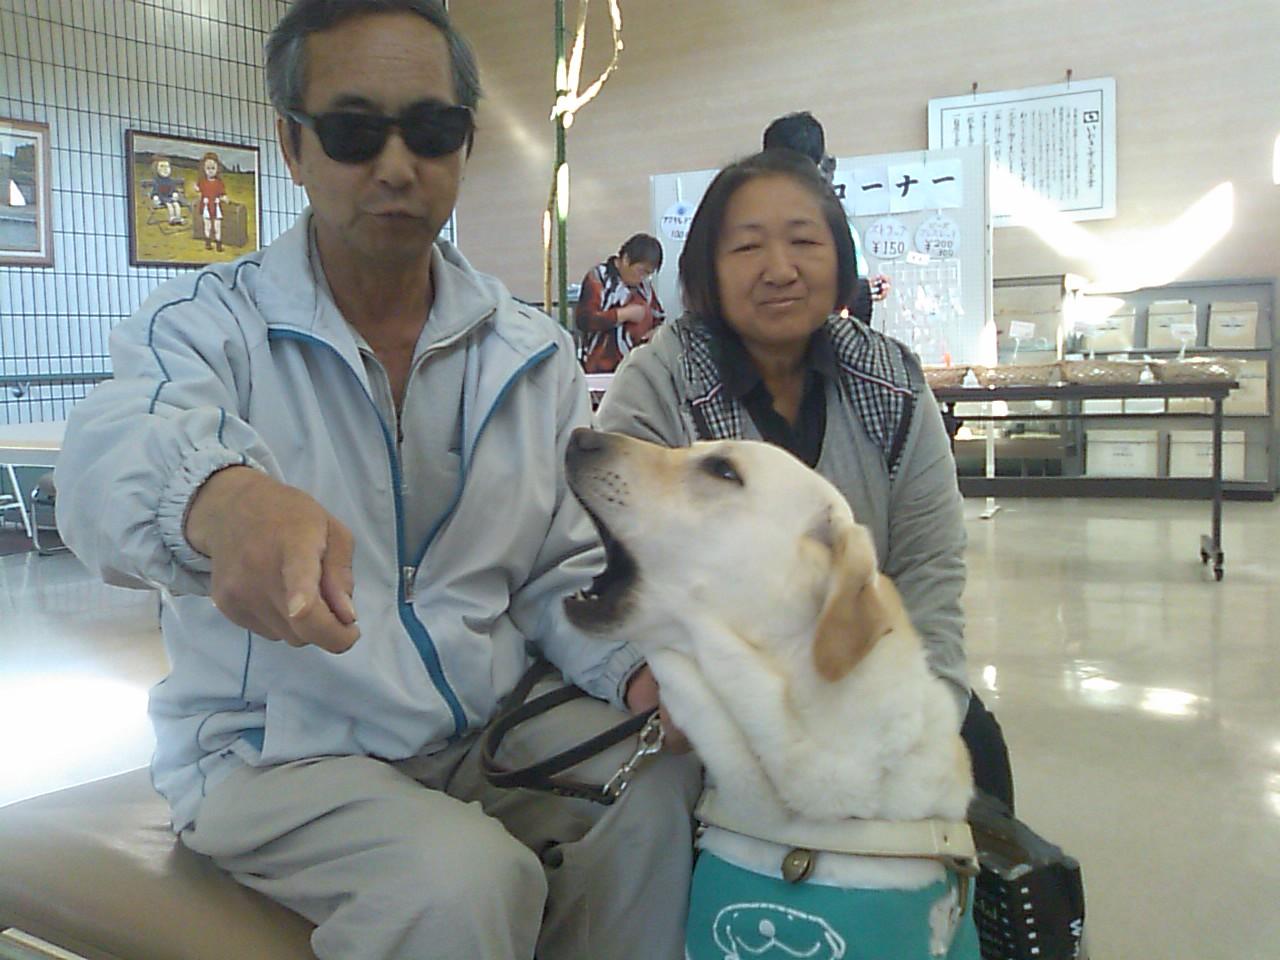 盲人福祉協会文化祭、盲導犬のエバァくん_e0068696_20422115.jpg